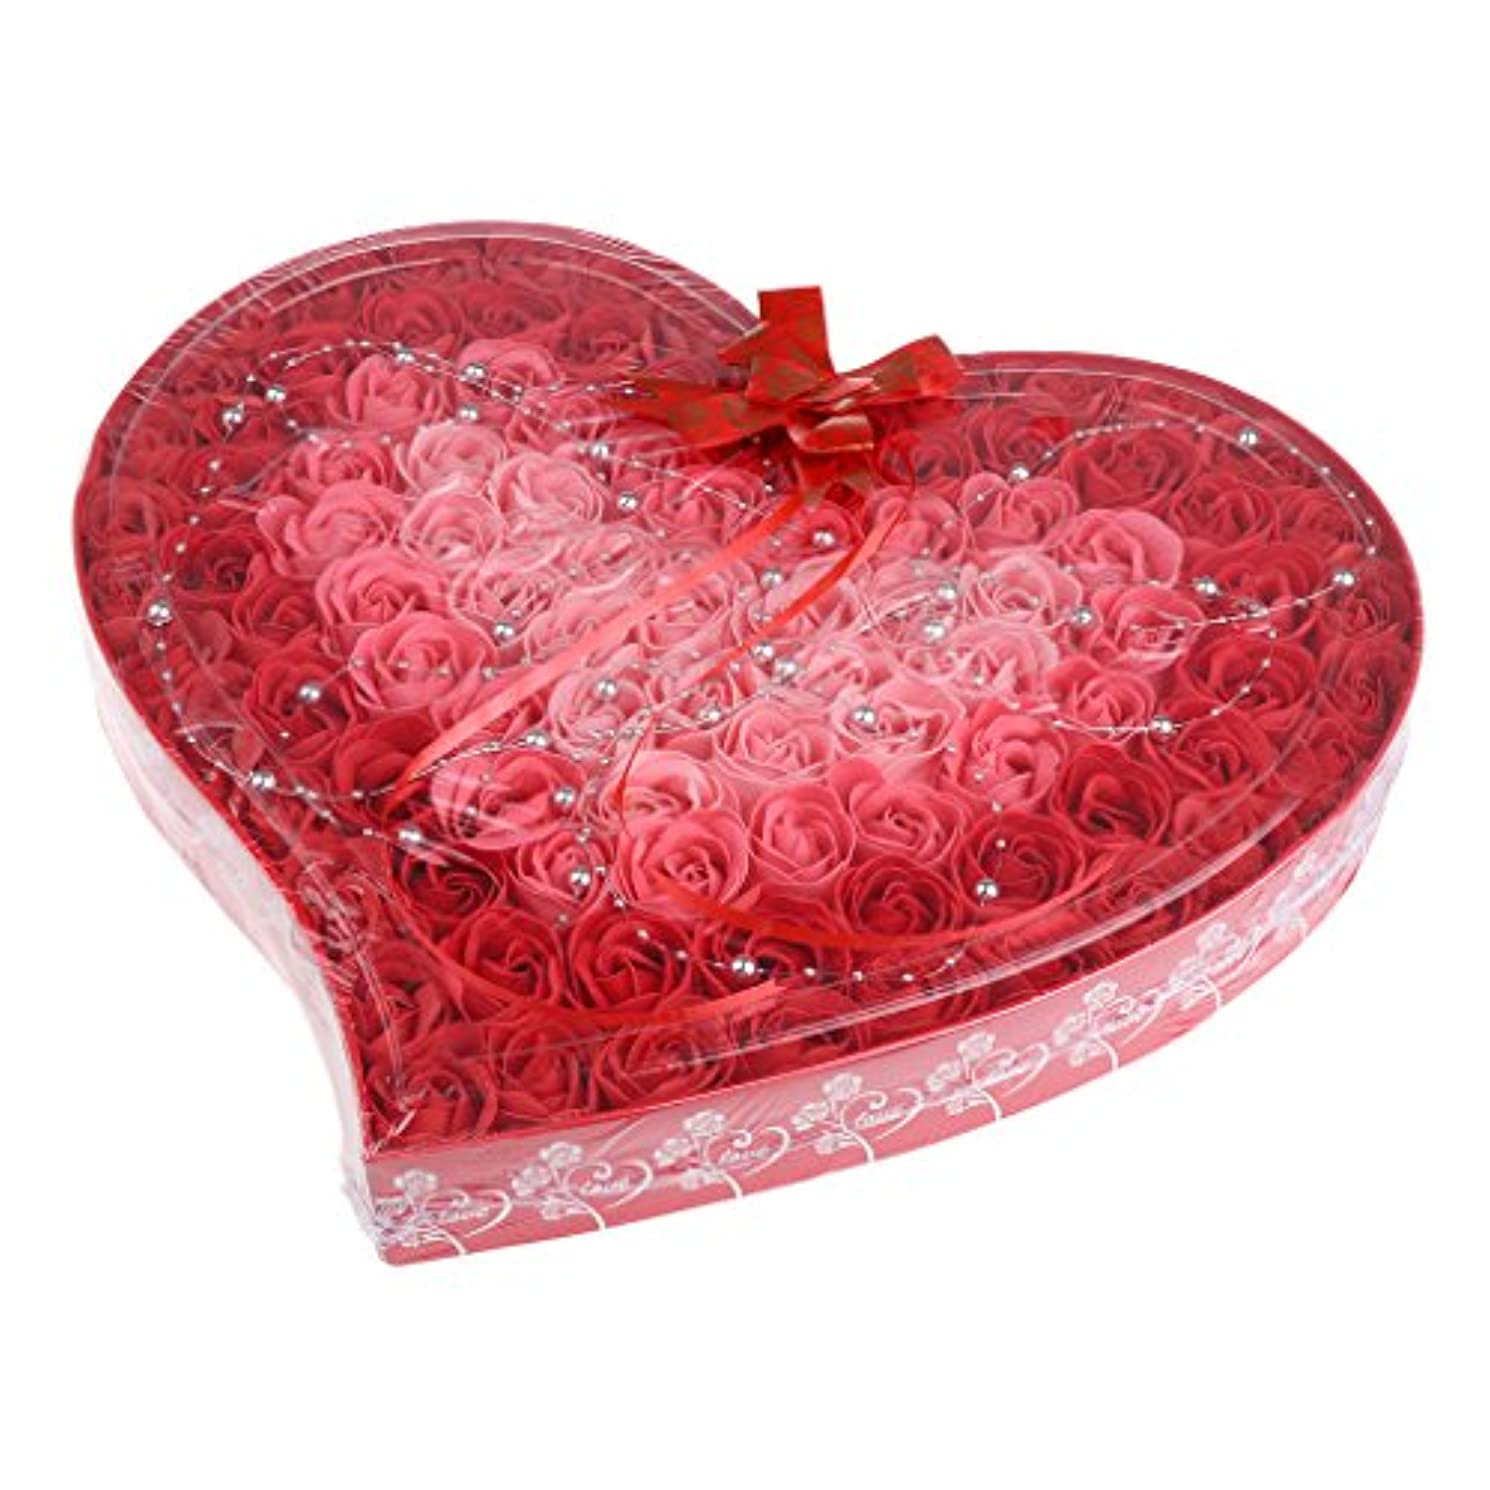 消去リーク司法Perfk ソープフラワー 石鹸花  造花 フラワー ギフトボックス  誕生日 母の日 記念日 先生の日 バレンタインデー プレゼント 全4色選べる - 赤